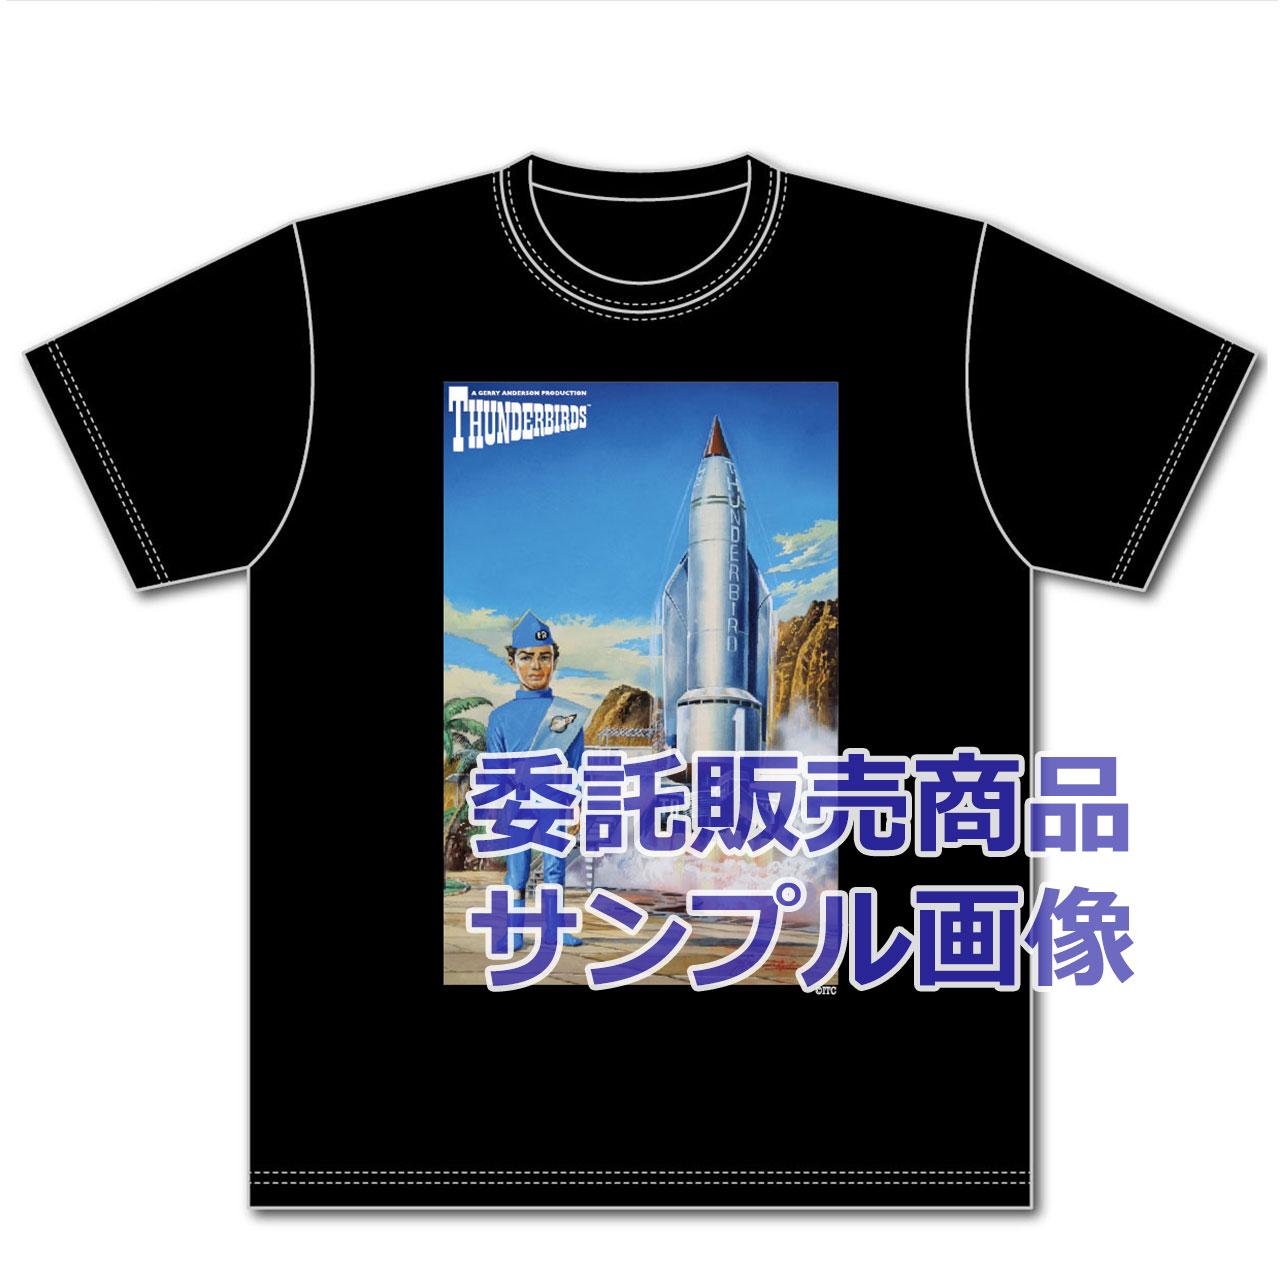 「サンダーバード」Tシャツ1号黒